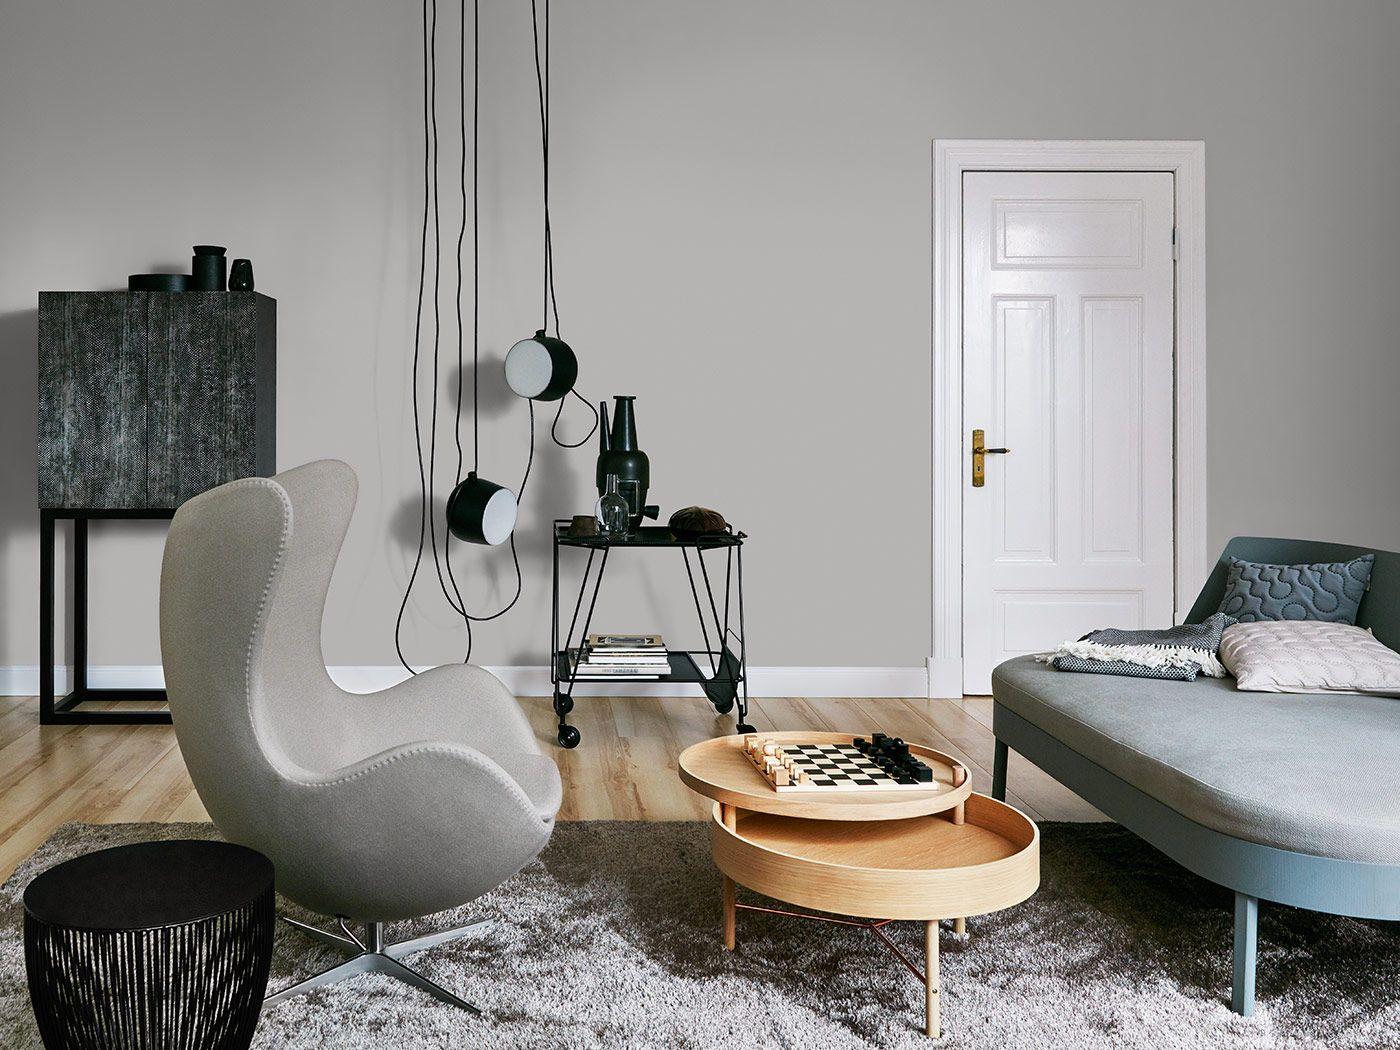 La Joliette Architects Finest Schoner Wohnen Farbe Schoner Wohnen Farbe Wandfarbe Wohnzimmer Schoner Wohnen Schlafzimmer